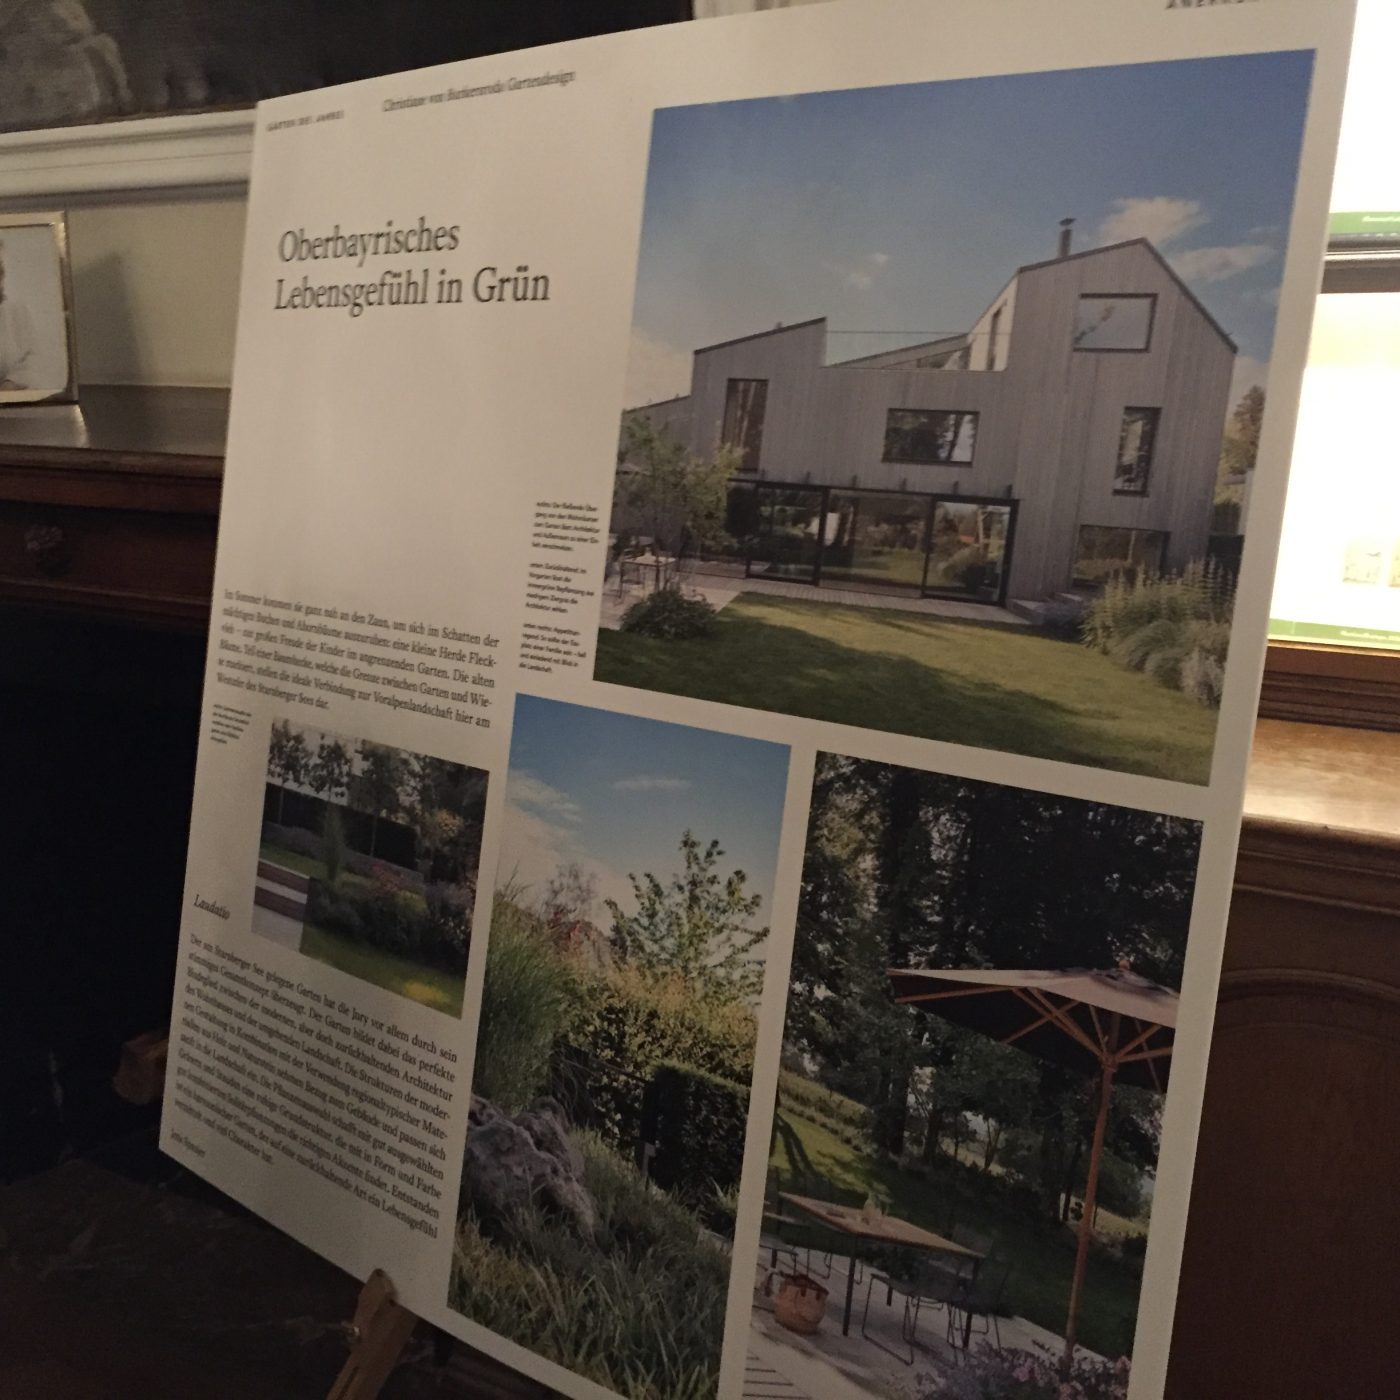 Präsentation der Ausstellung Gärten des Jahres 2020 auf Schloss Dyck in Jüchen.